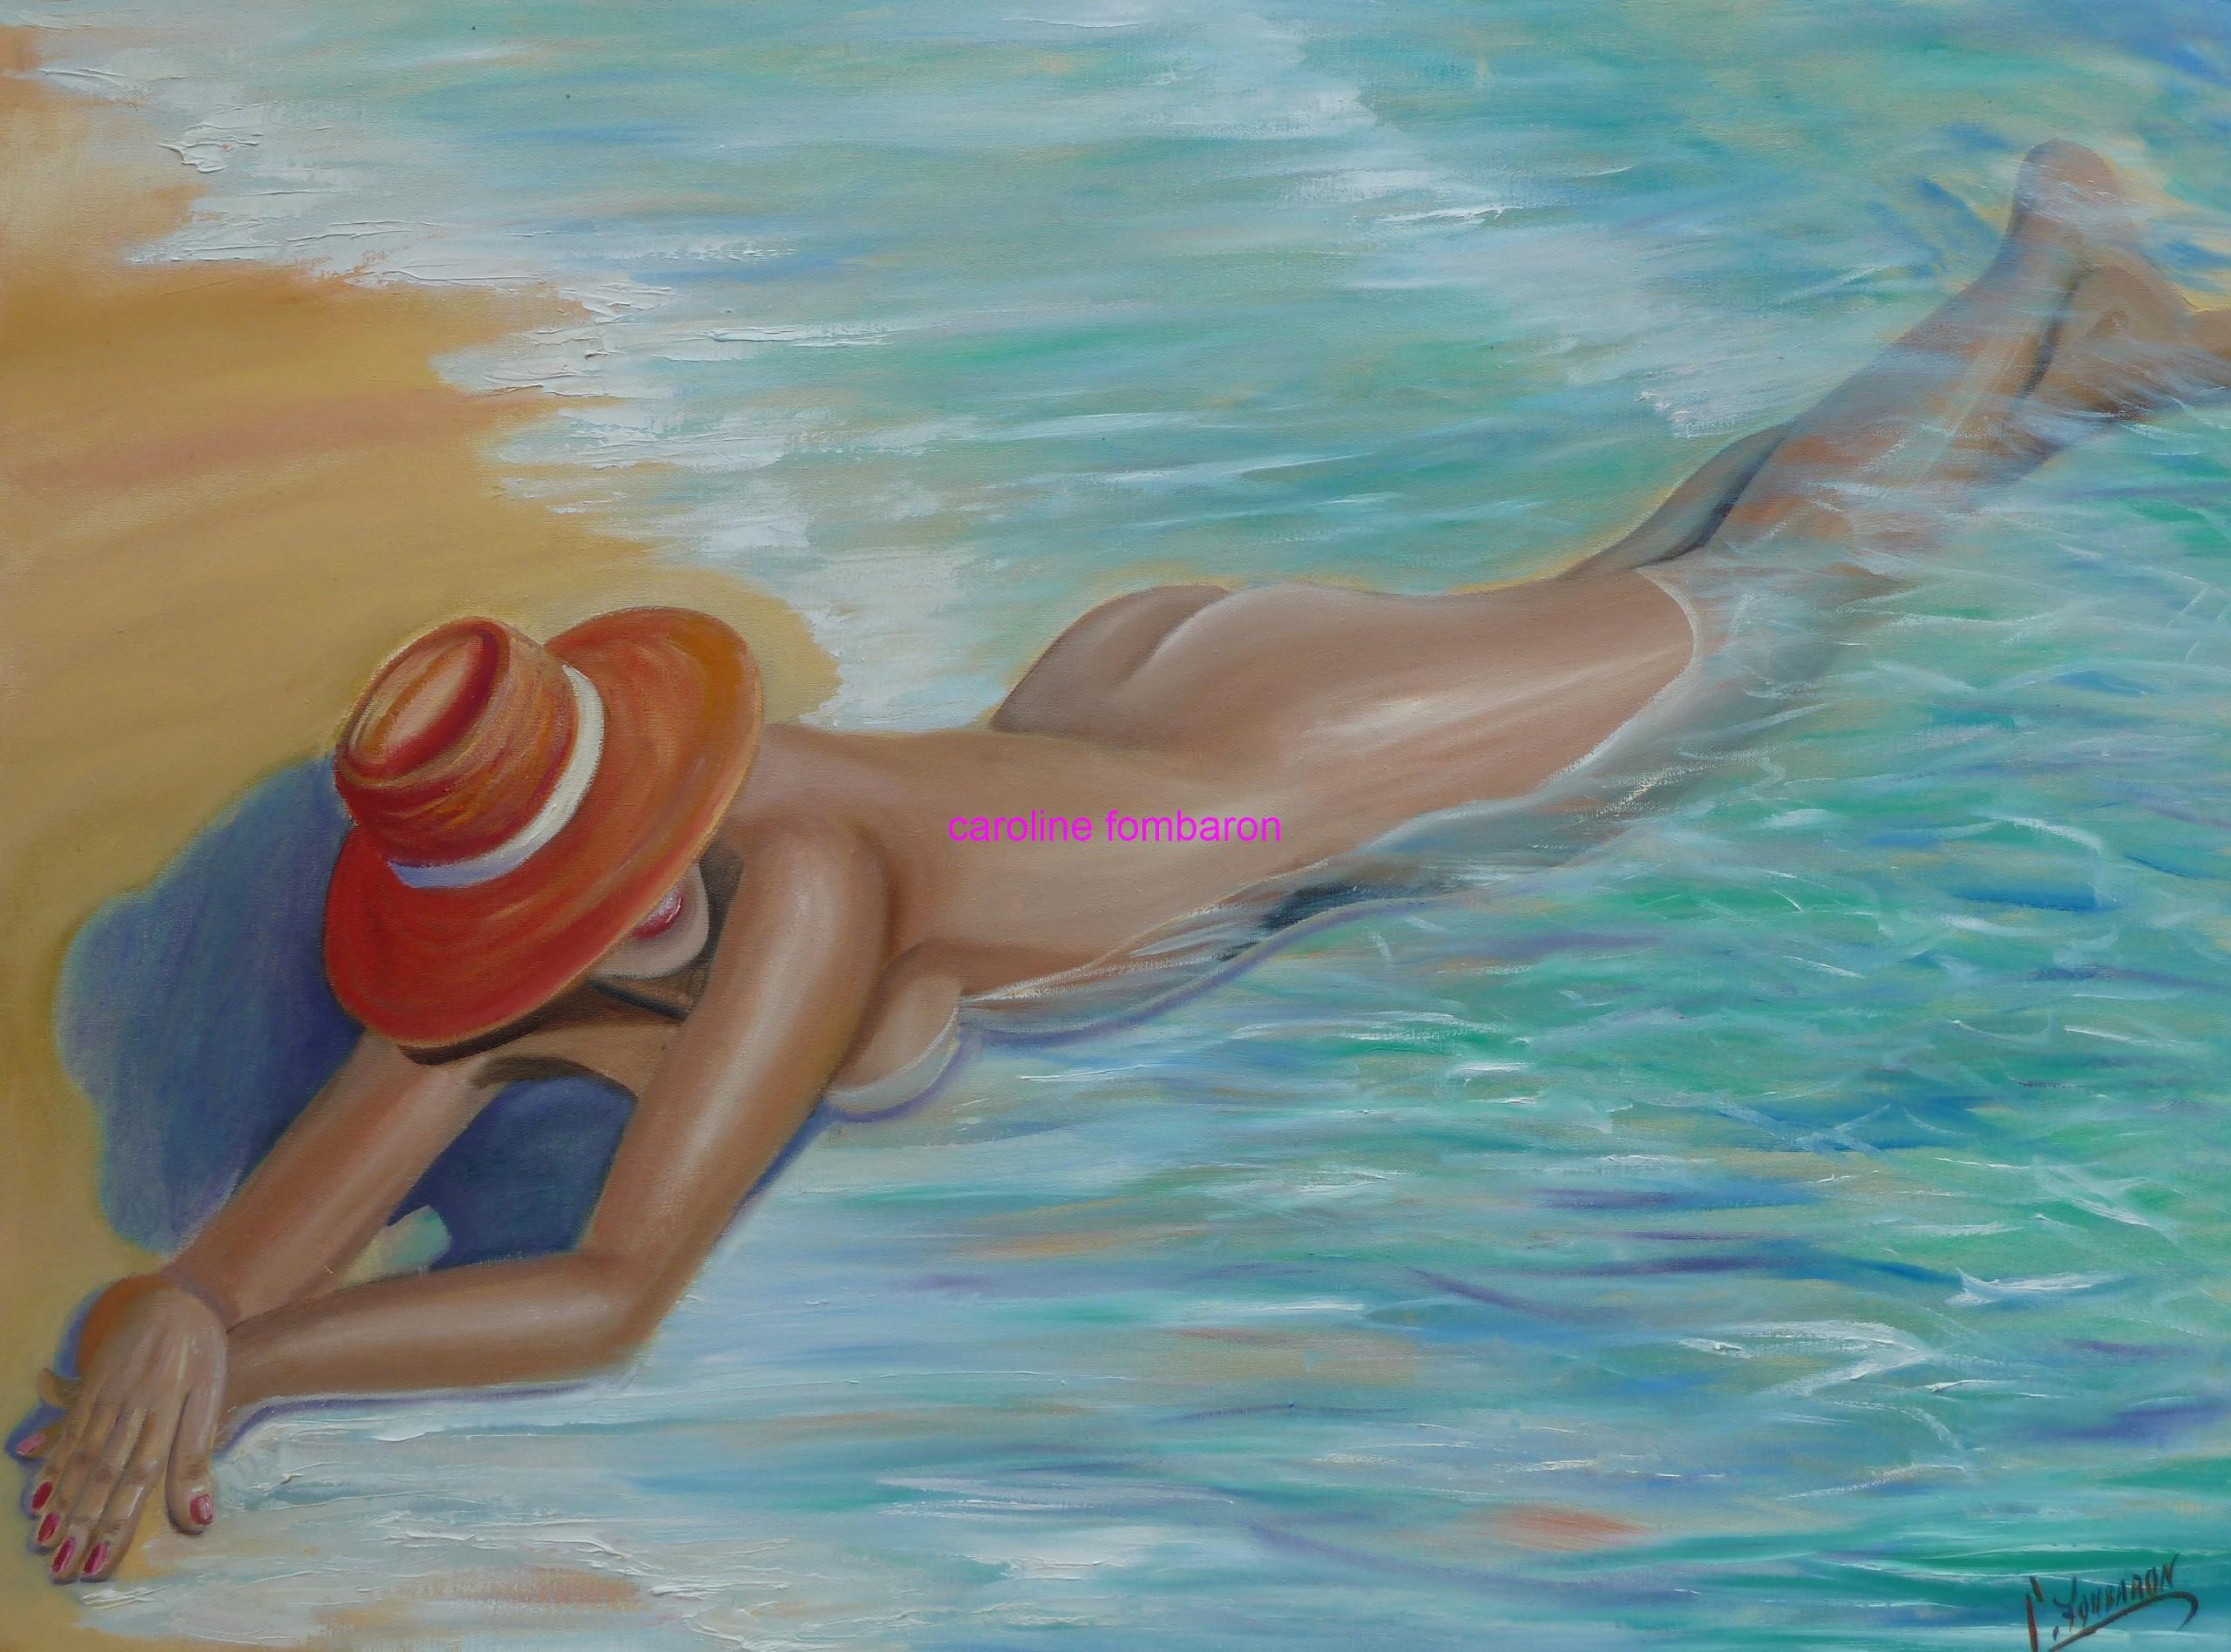 La femme au chapeau rouge